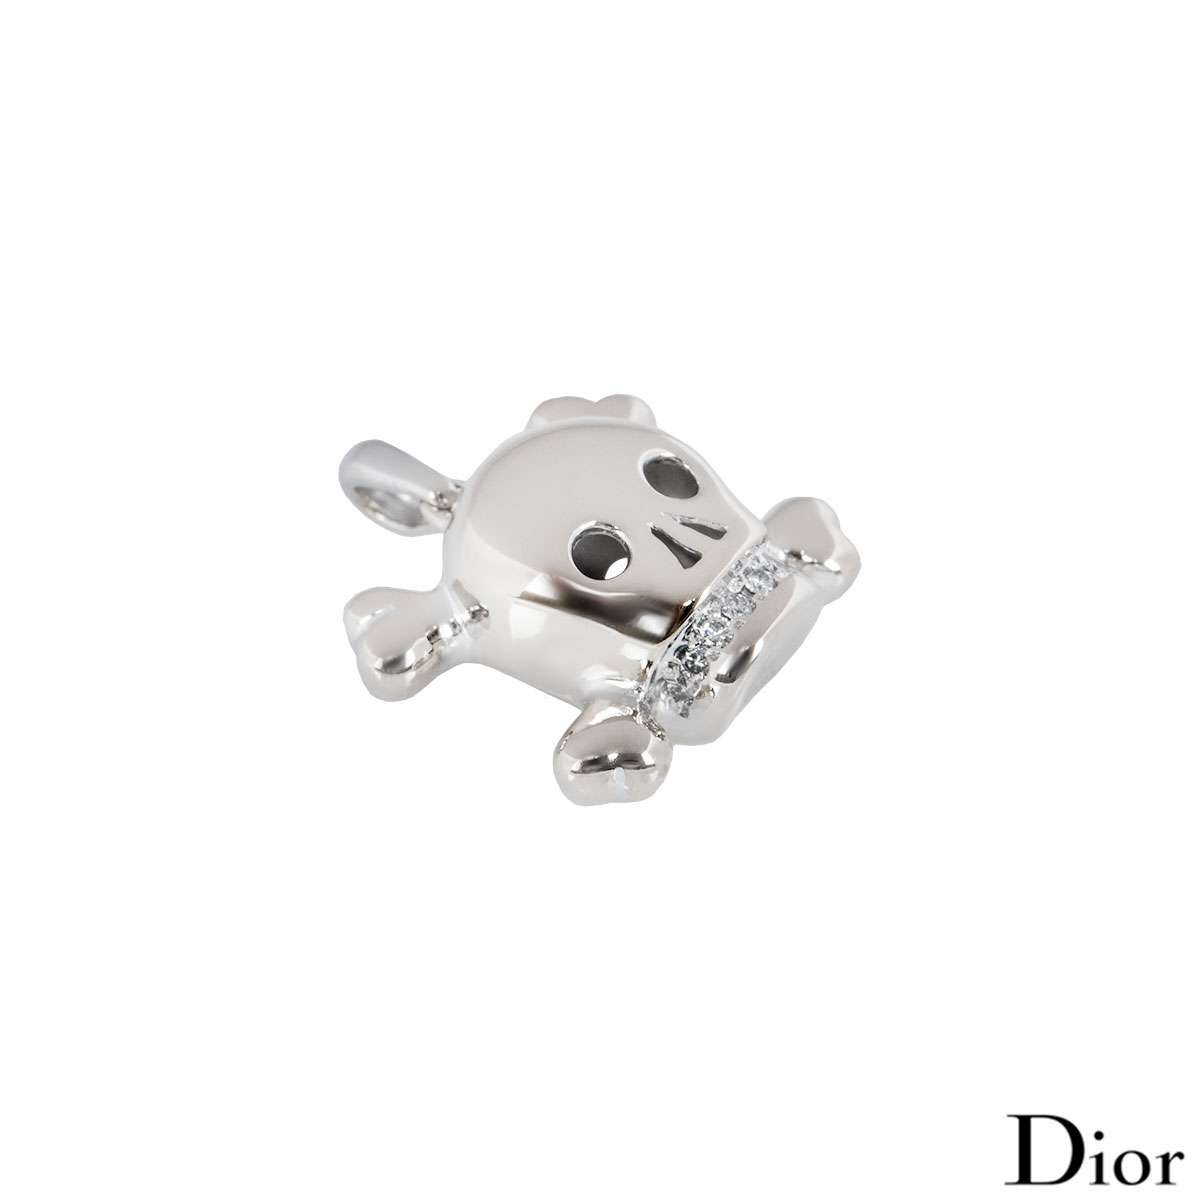 Dior White Gold Tete De Mort Skull Pendant